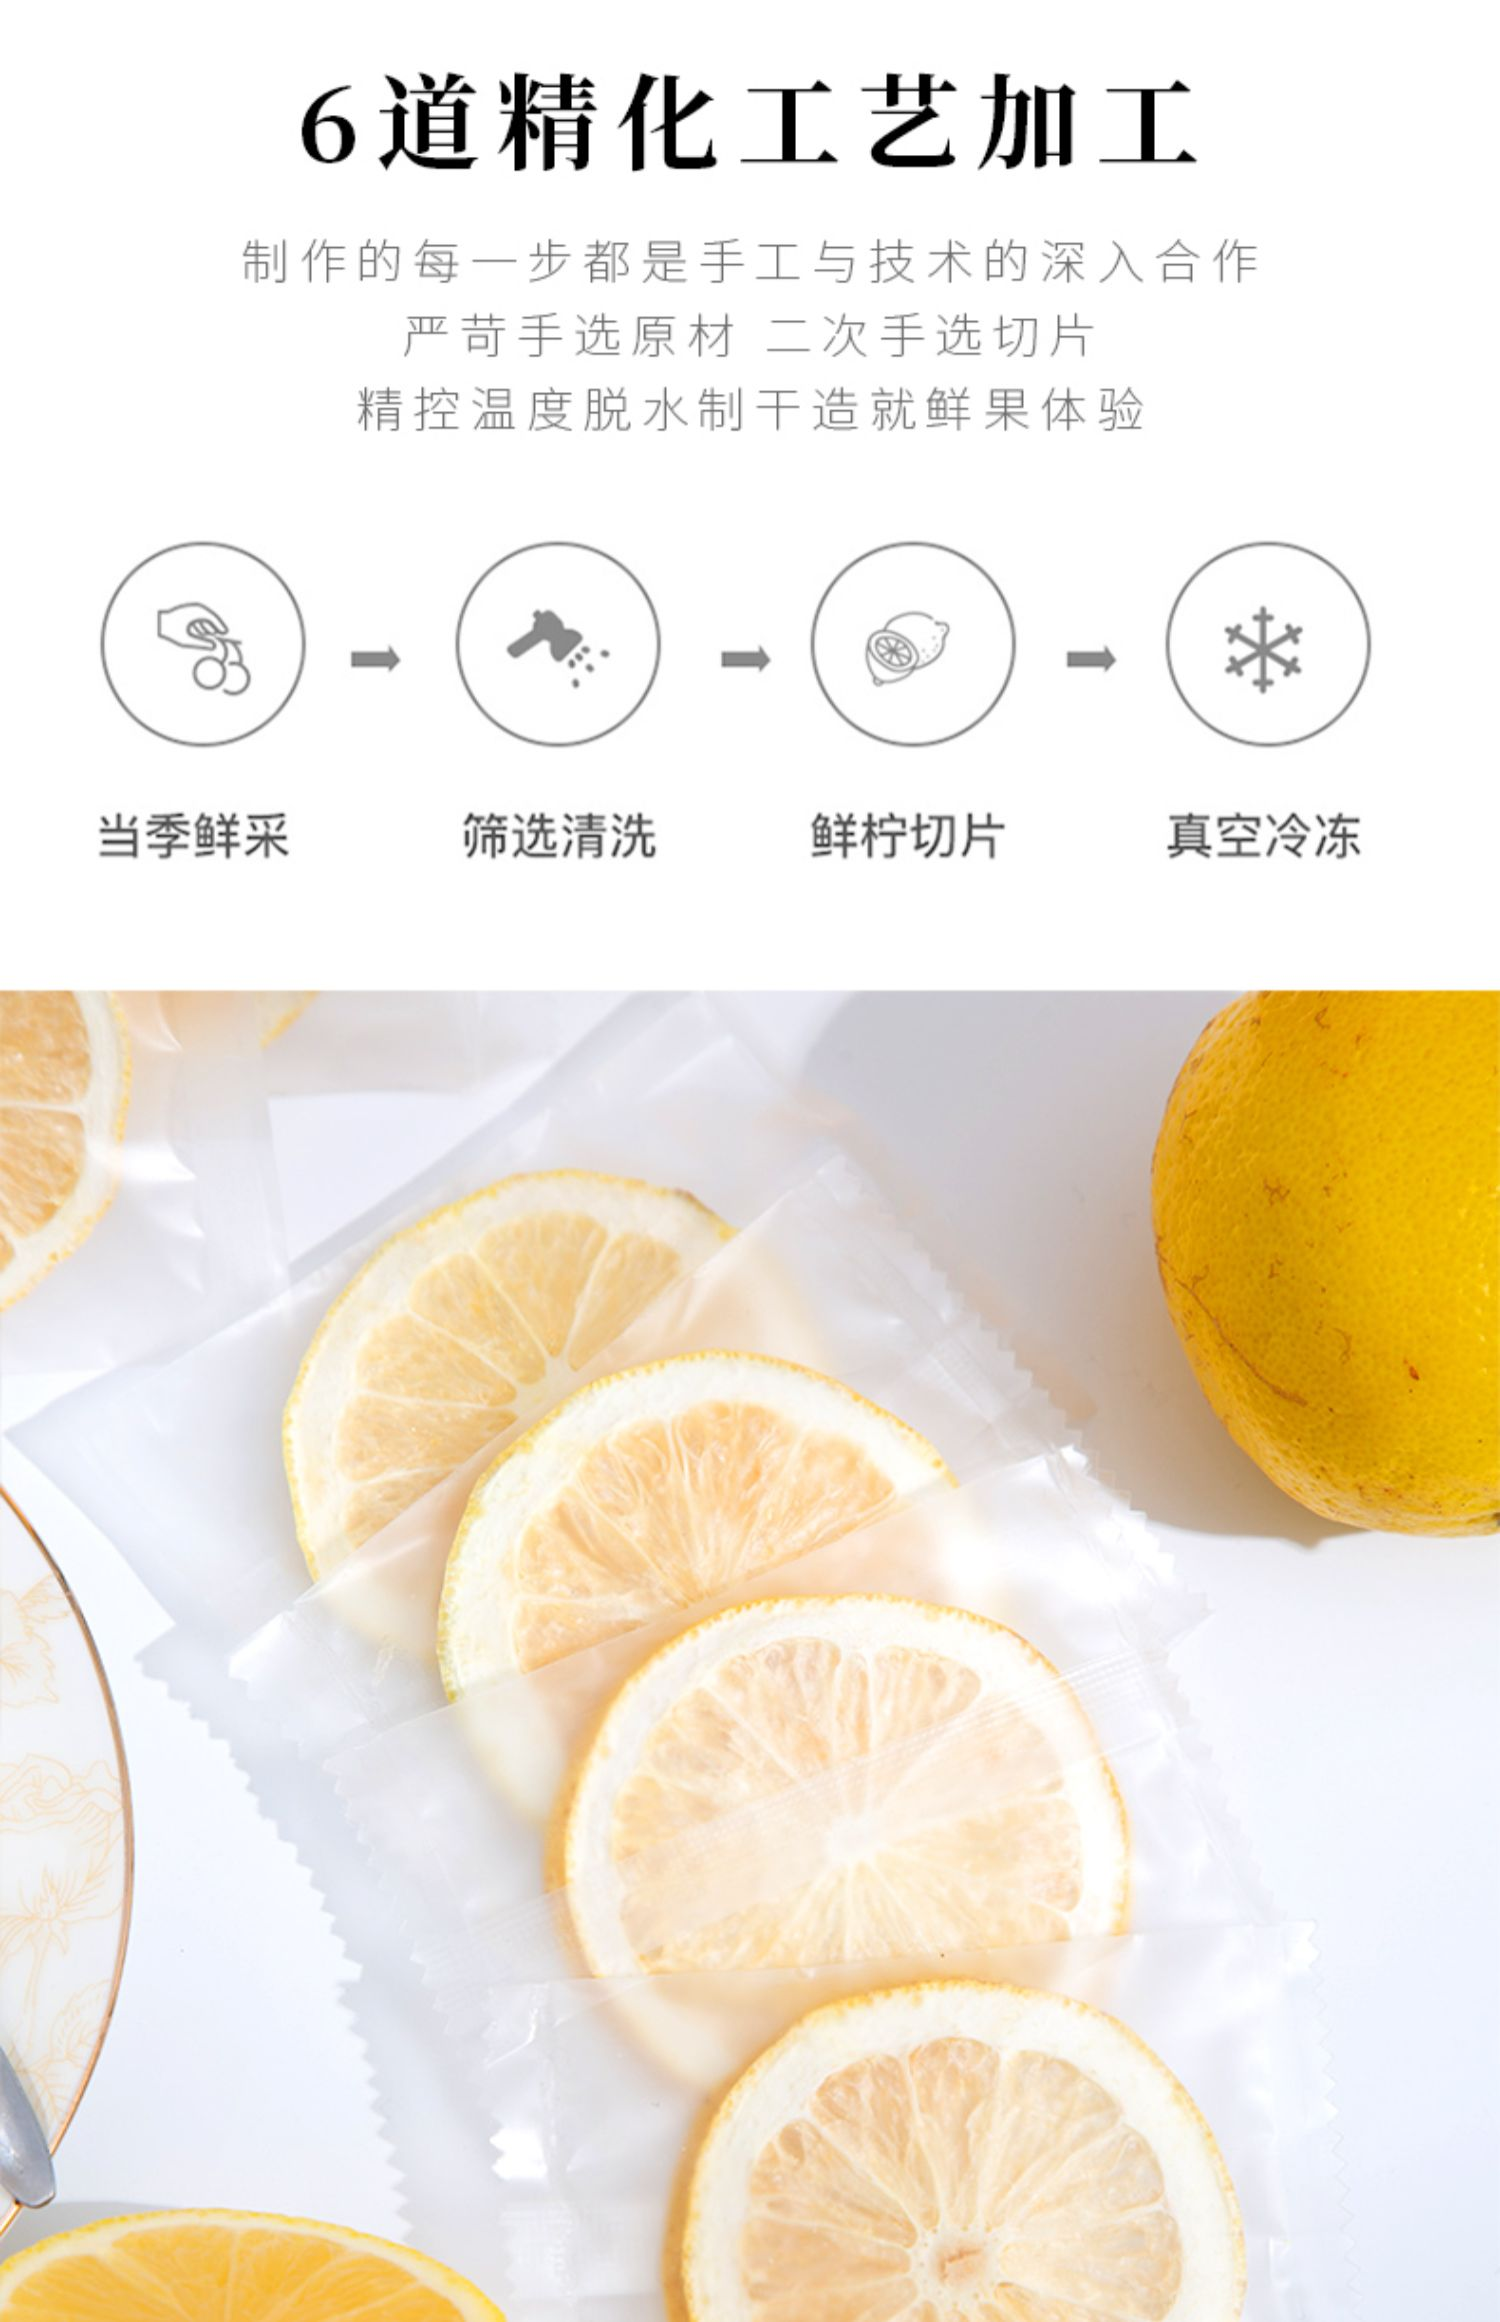 束氏茶界泡水干片泡茶冻干柠檬片